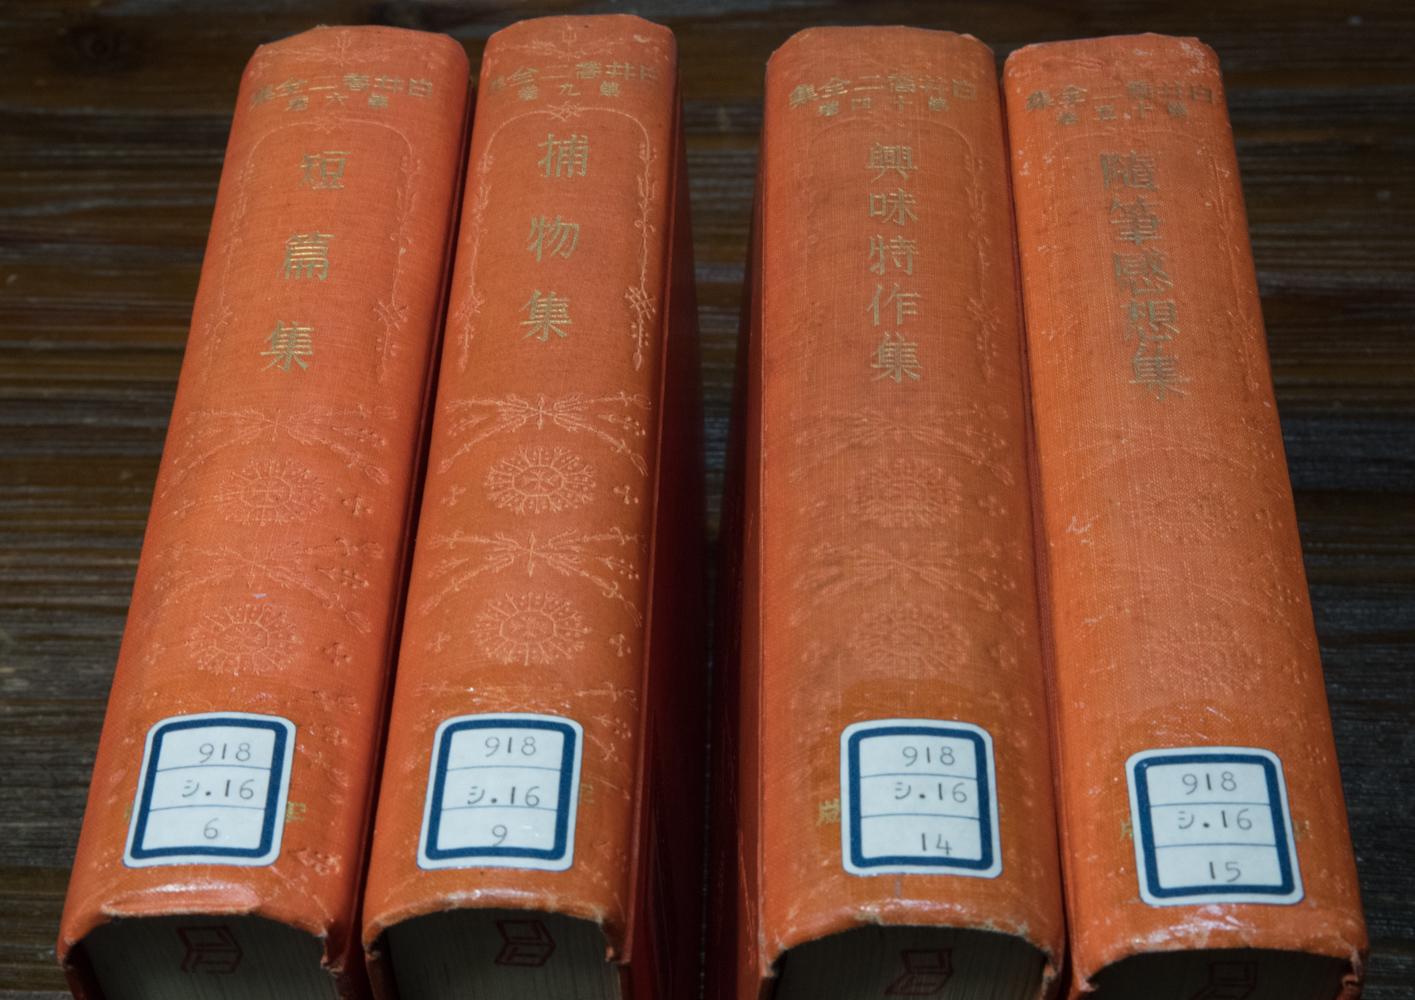 平凡社の白井喬二全集全15巻の内容